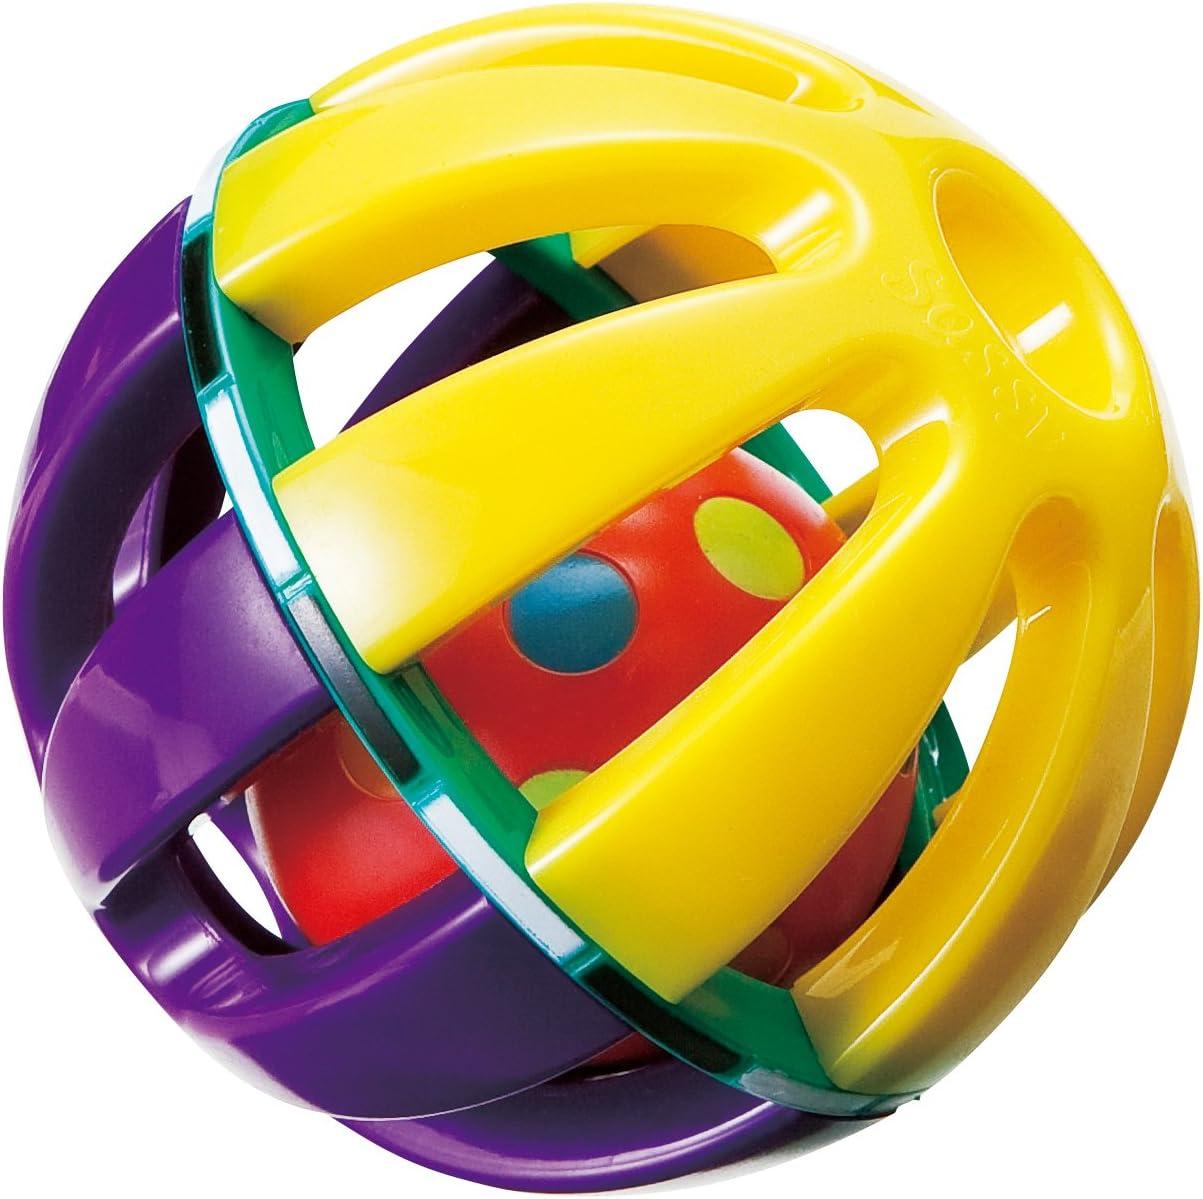 Sassy 780176 - Bola cascabel: Amazon.es: Bebé